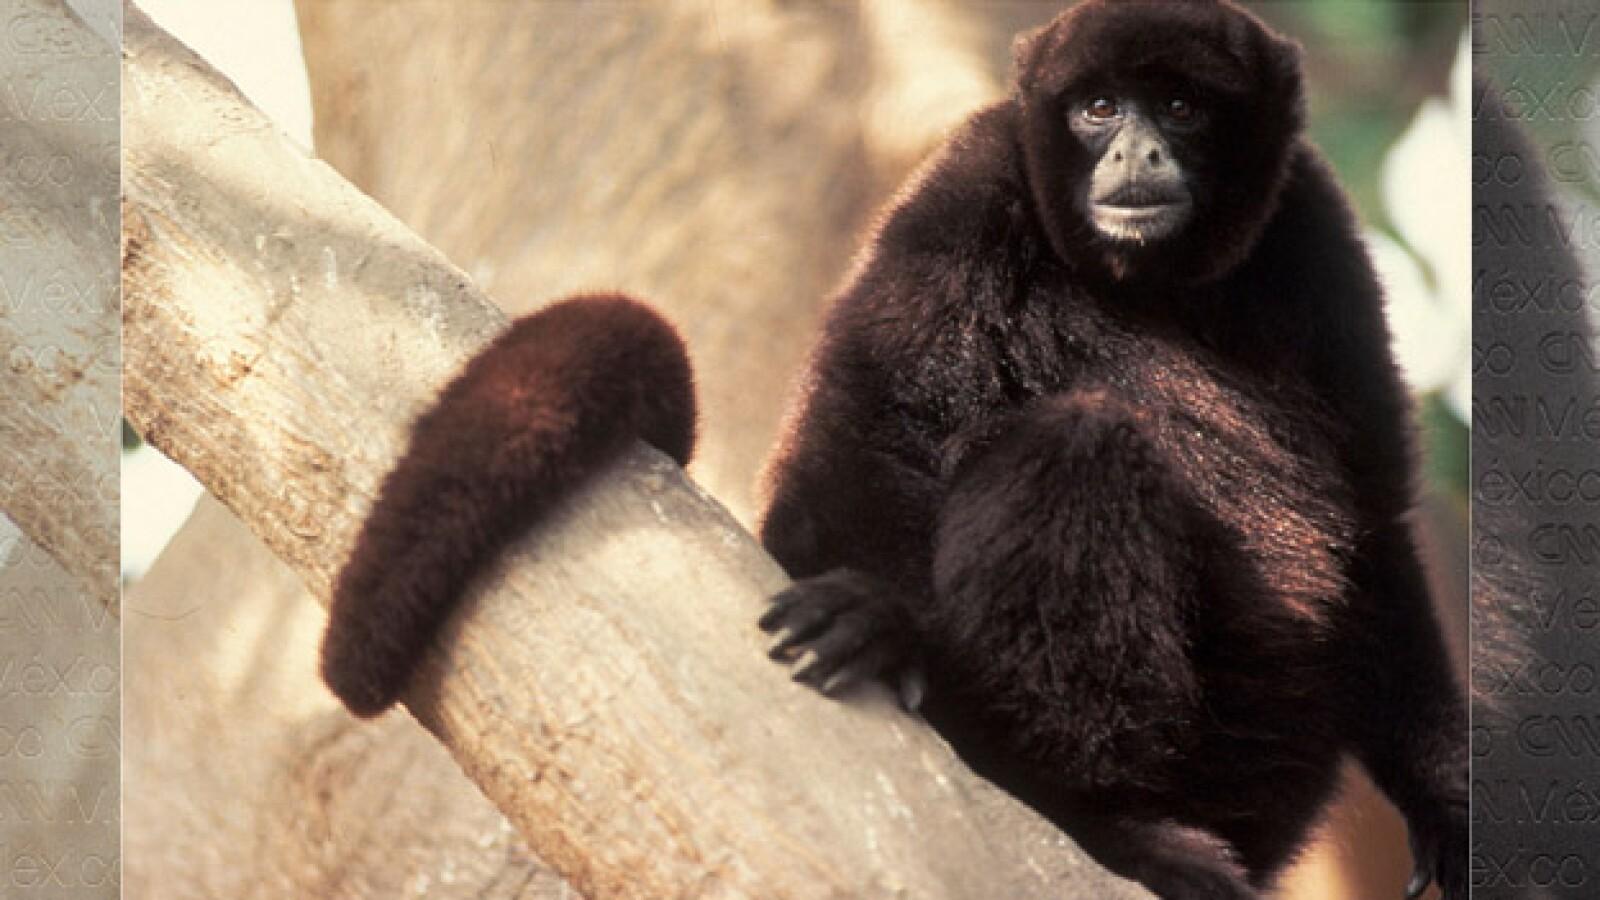 La mitad de los primates en el mundo en riesgo de extinción